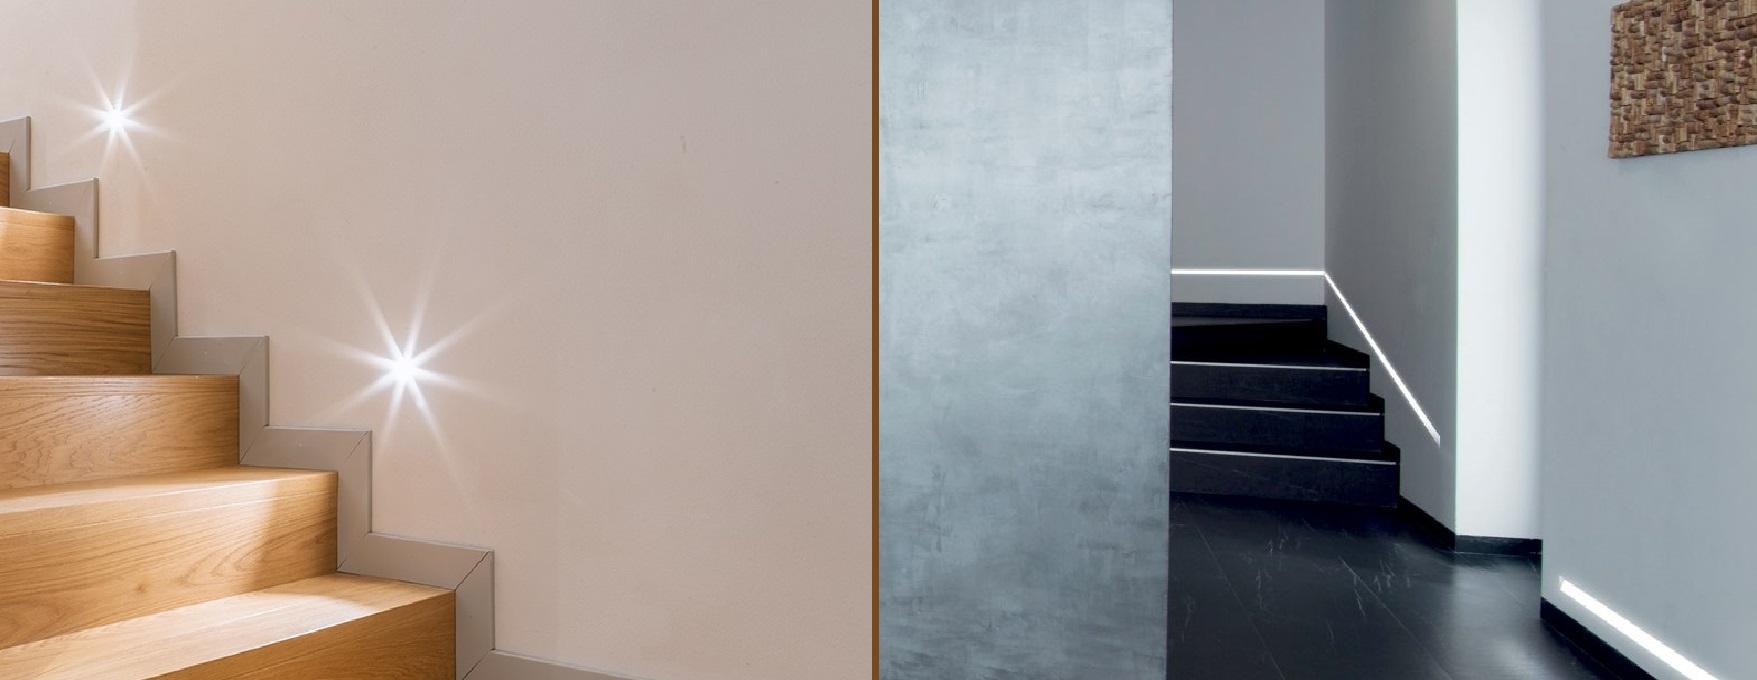 Подсветка лестницы – модное дизайнерское решение или жизненная необходимость?